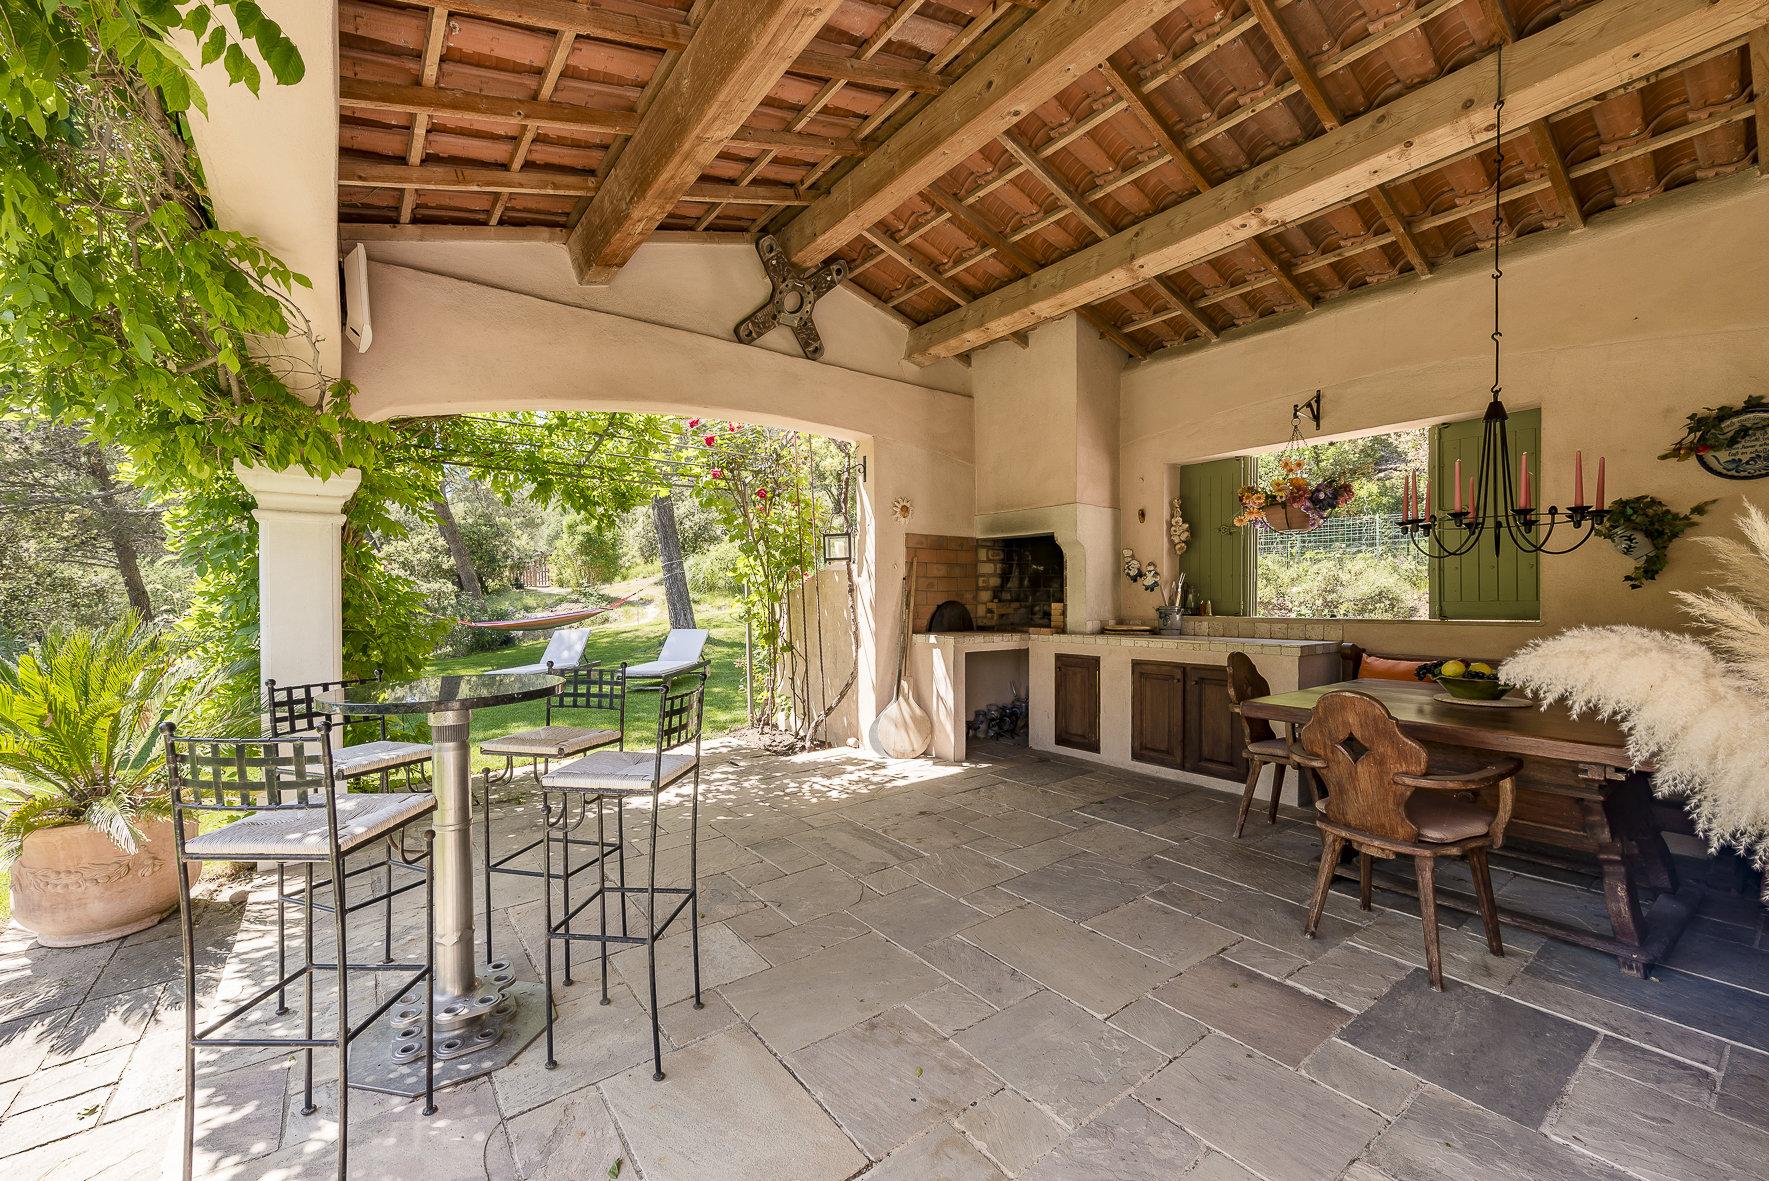 Ad Sale House Aix En Provence 13090 7 Rooms Ref V1830ap